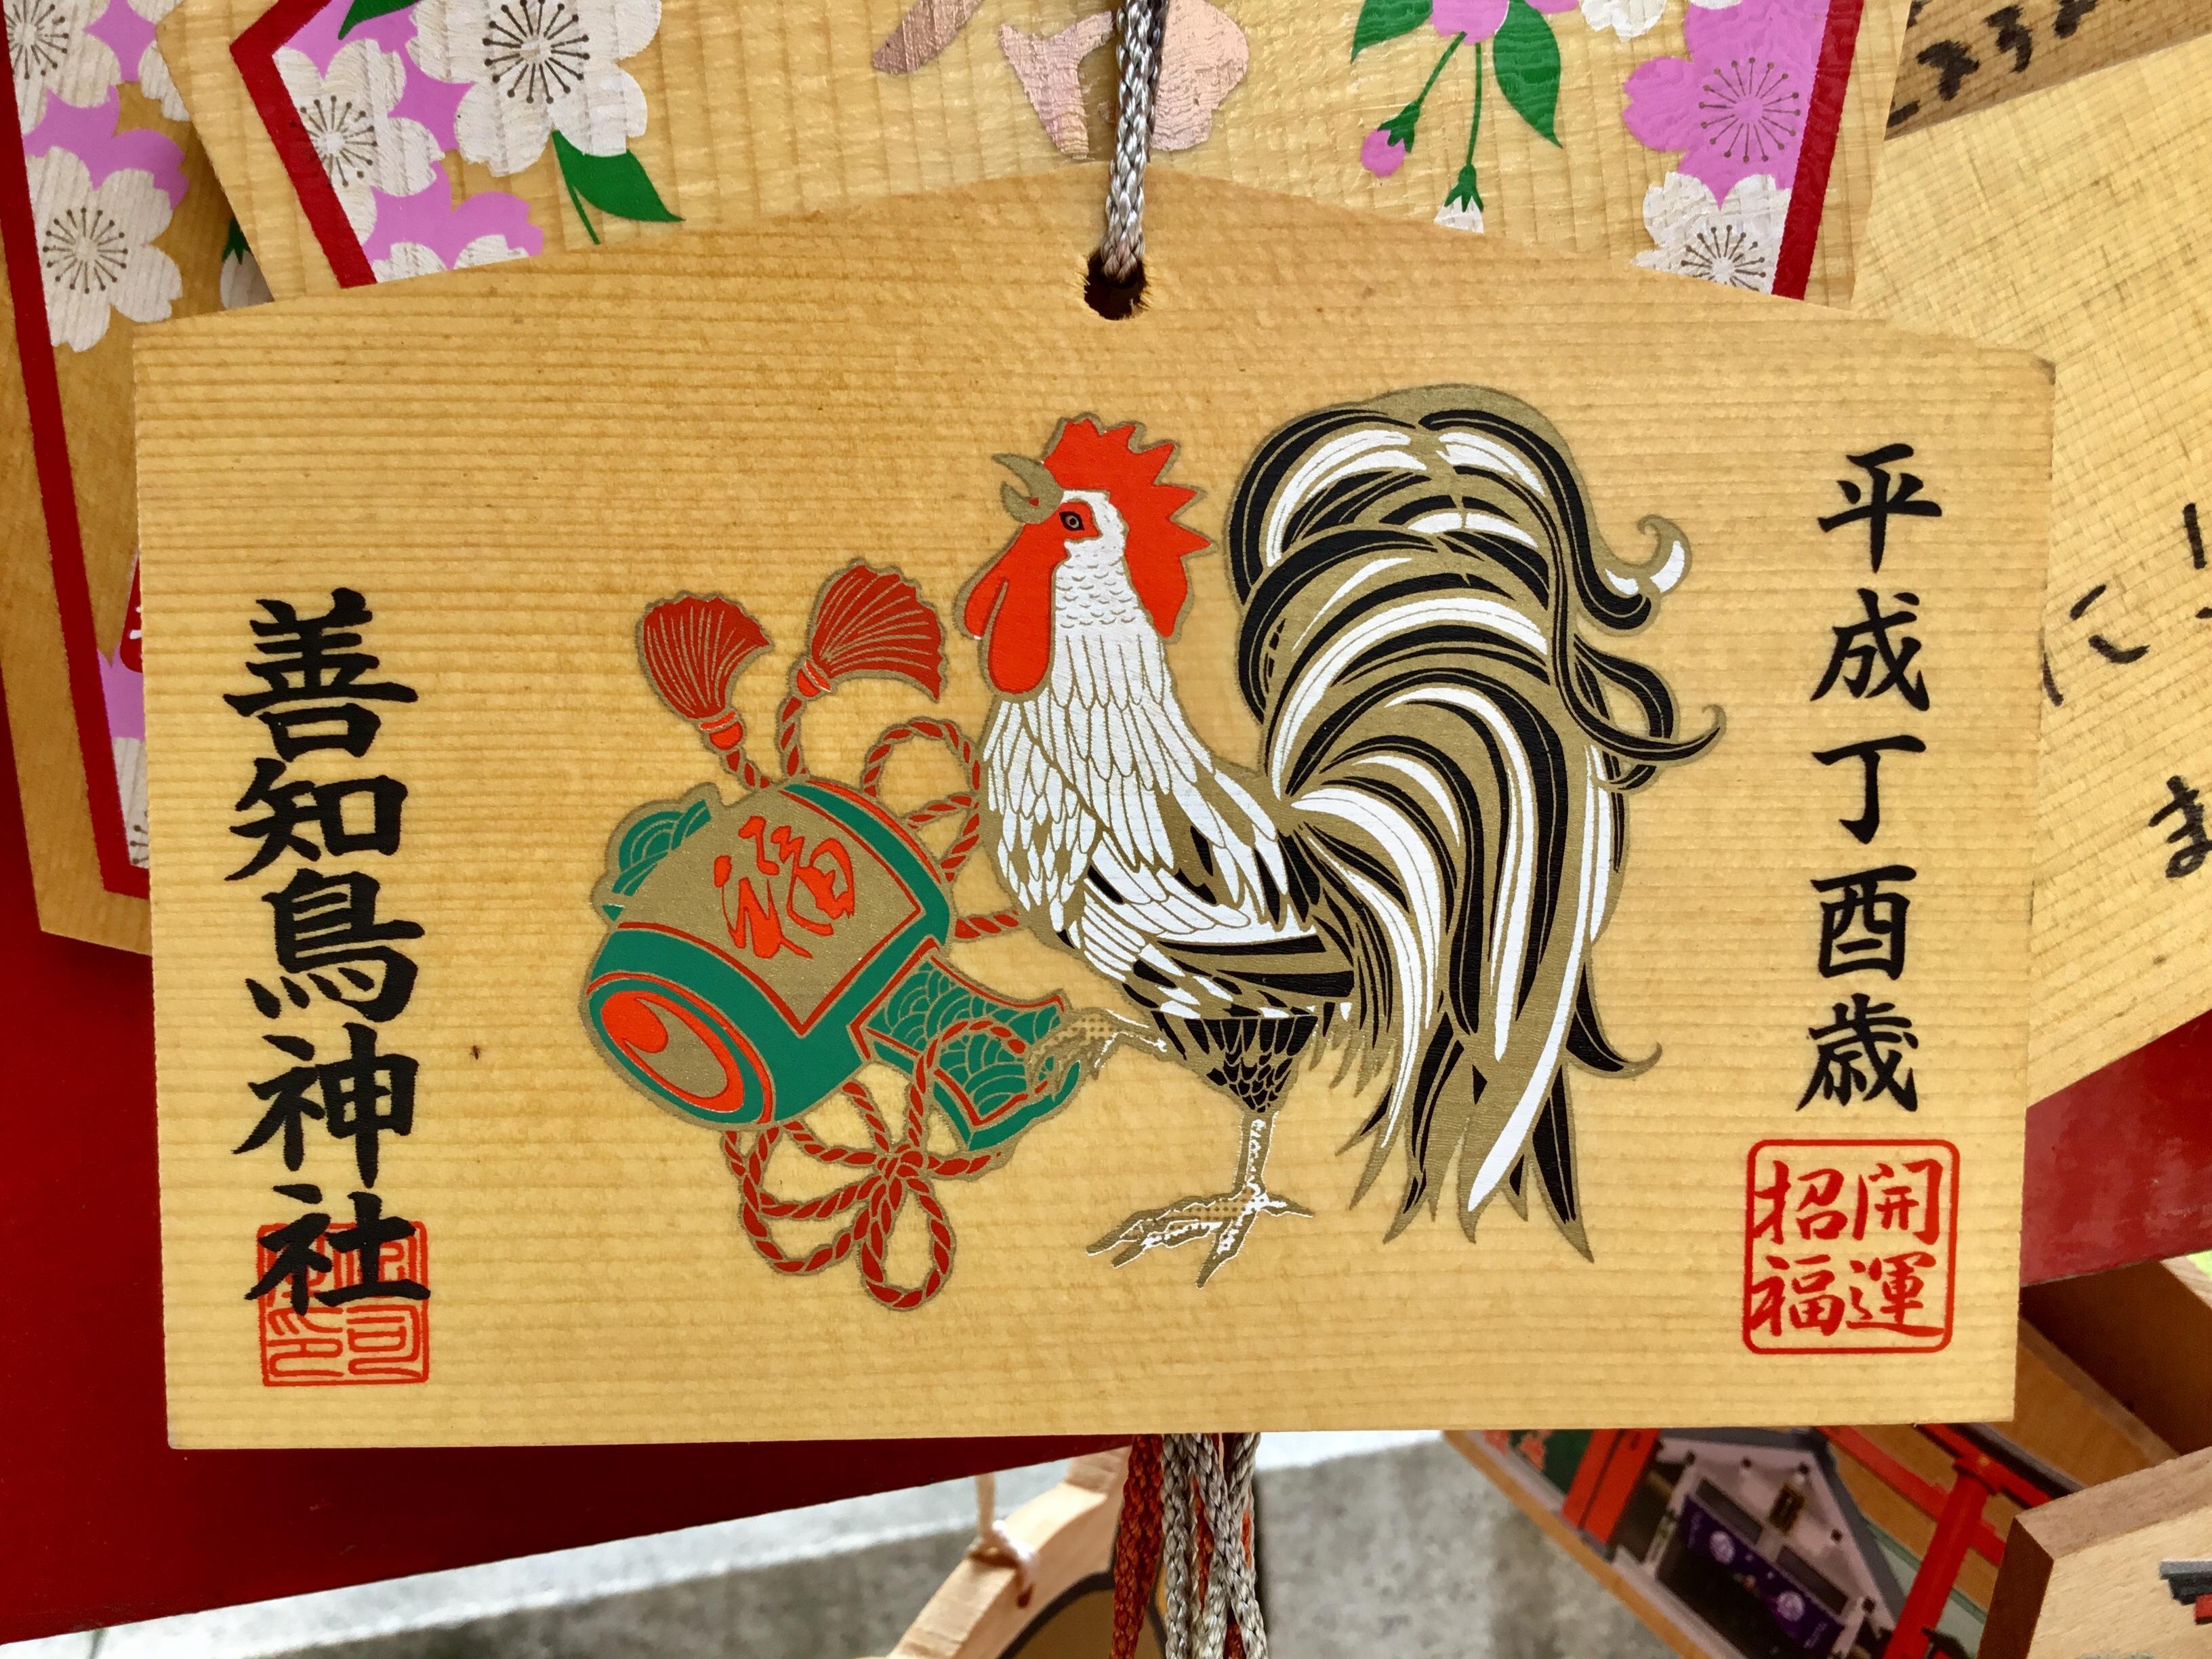 善知鳥神社の絵馬